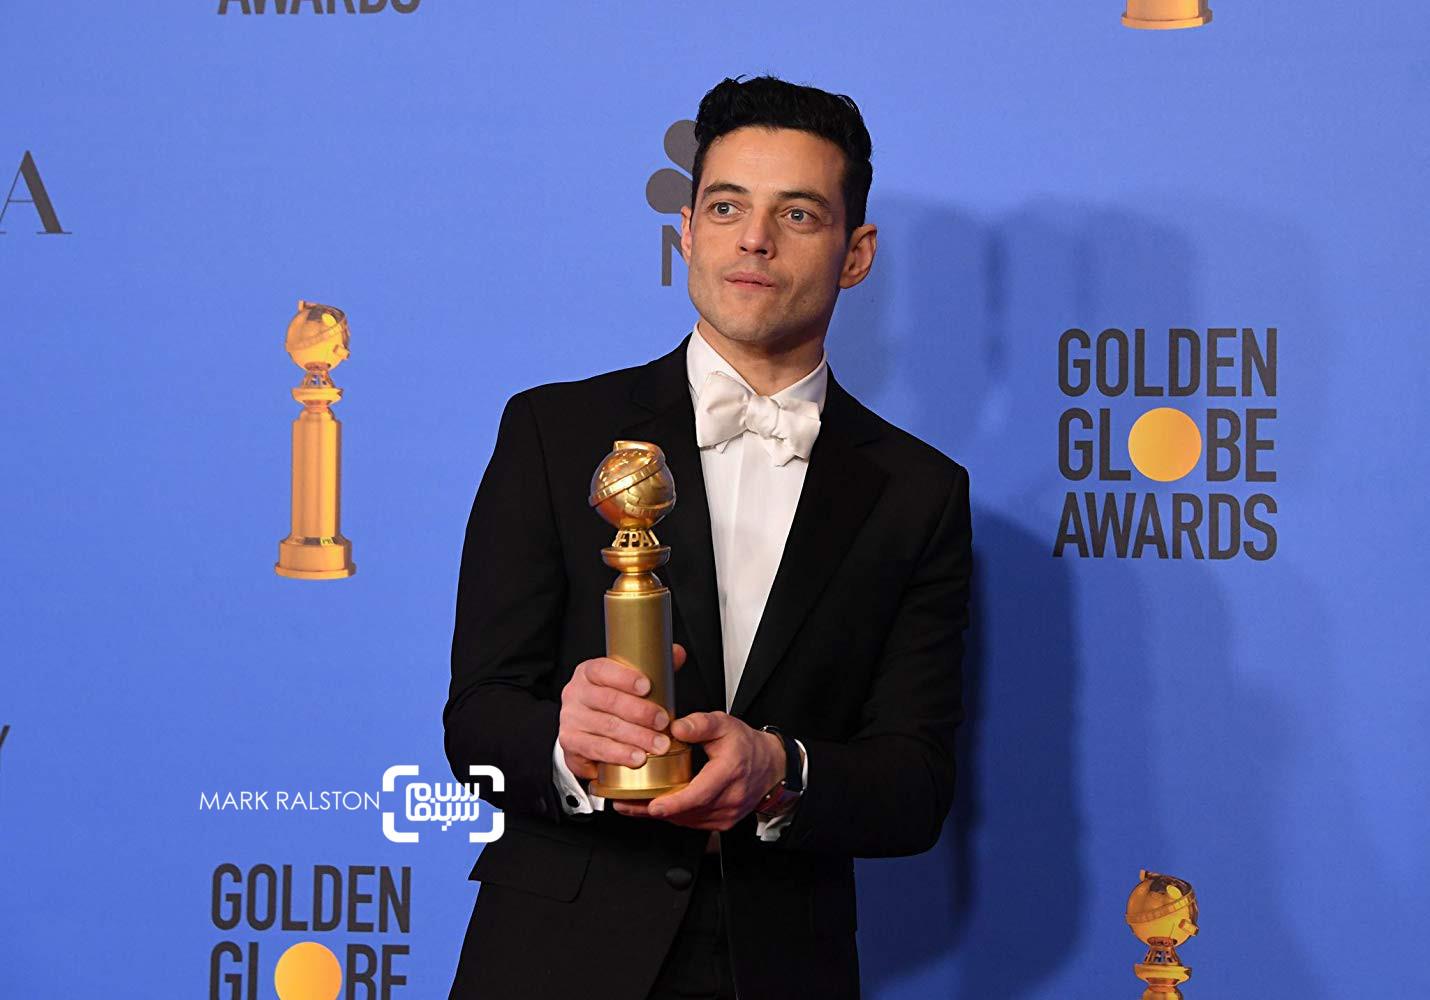 رامی مالک گزارش تصویری از جوایز گلدن گلوب 2019